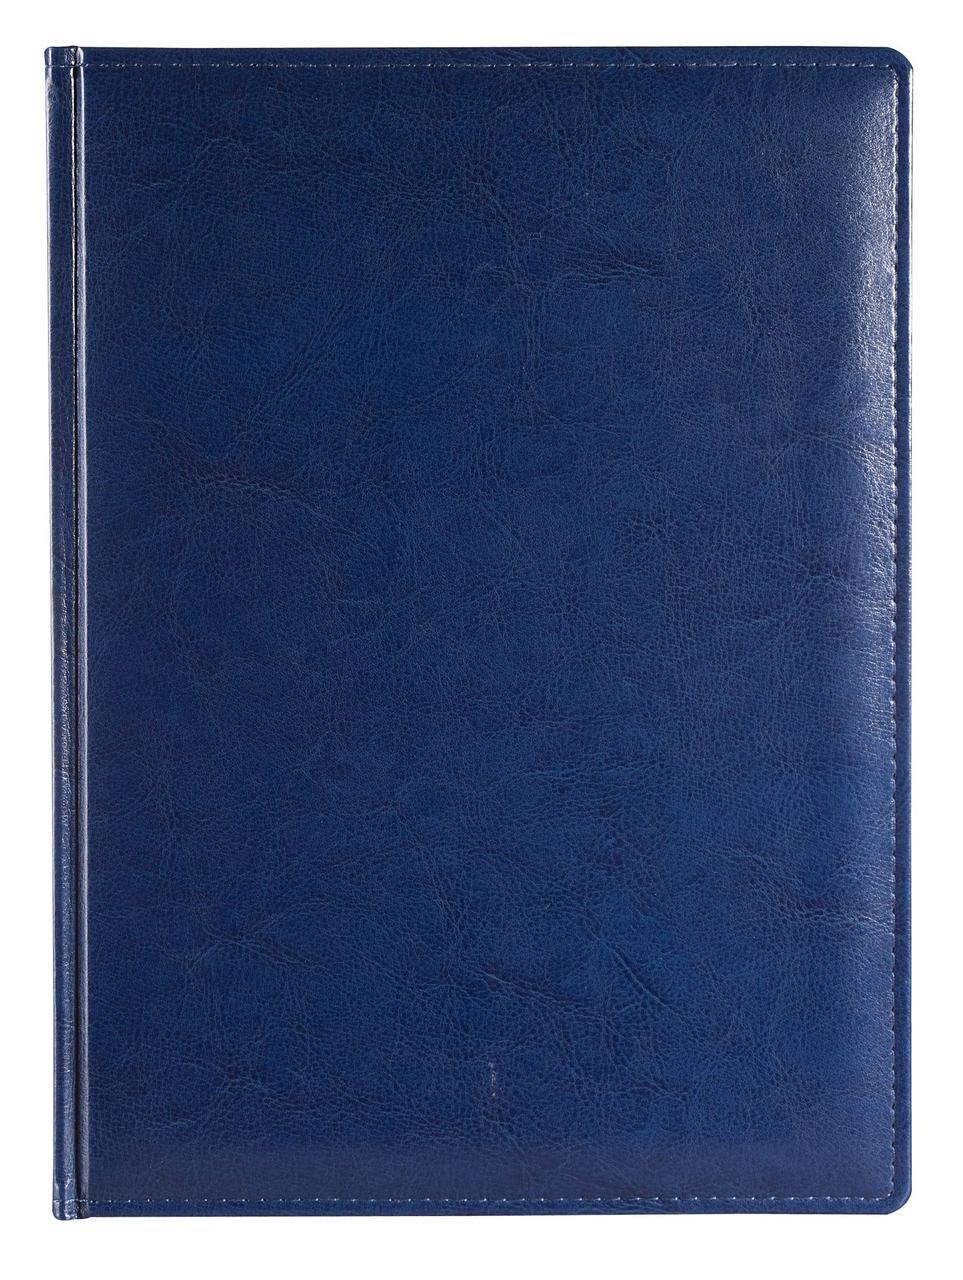 Еженедельник Nebraska, датированный, синий (артикул 4845.40)